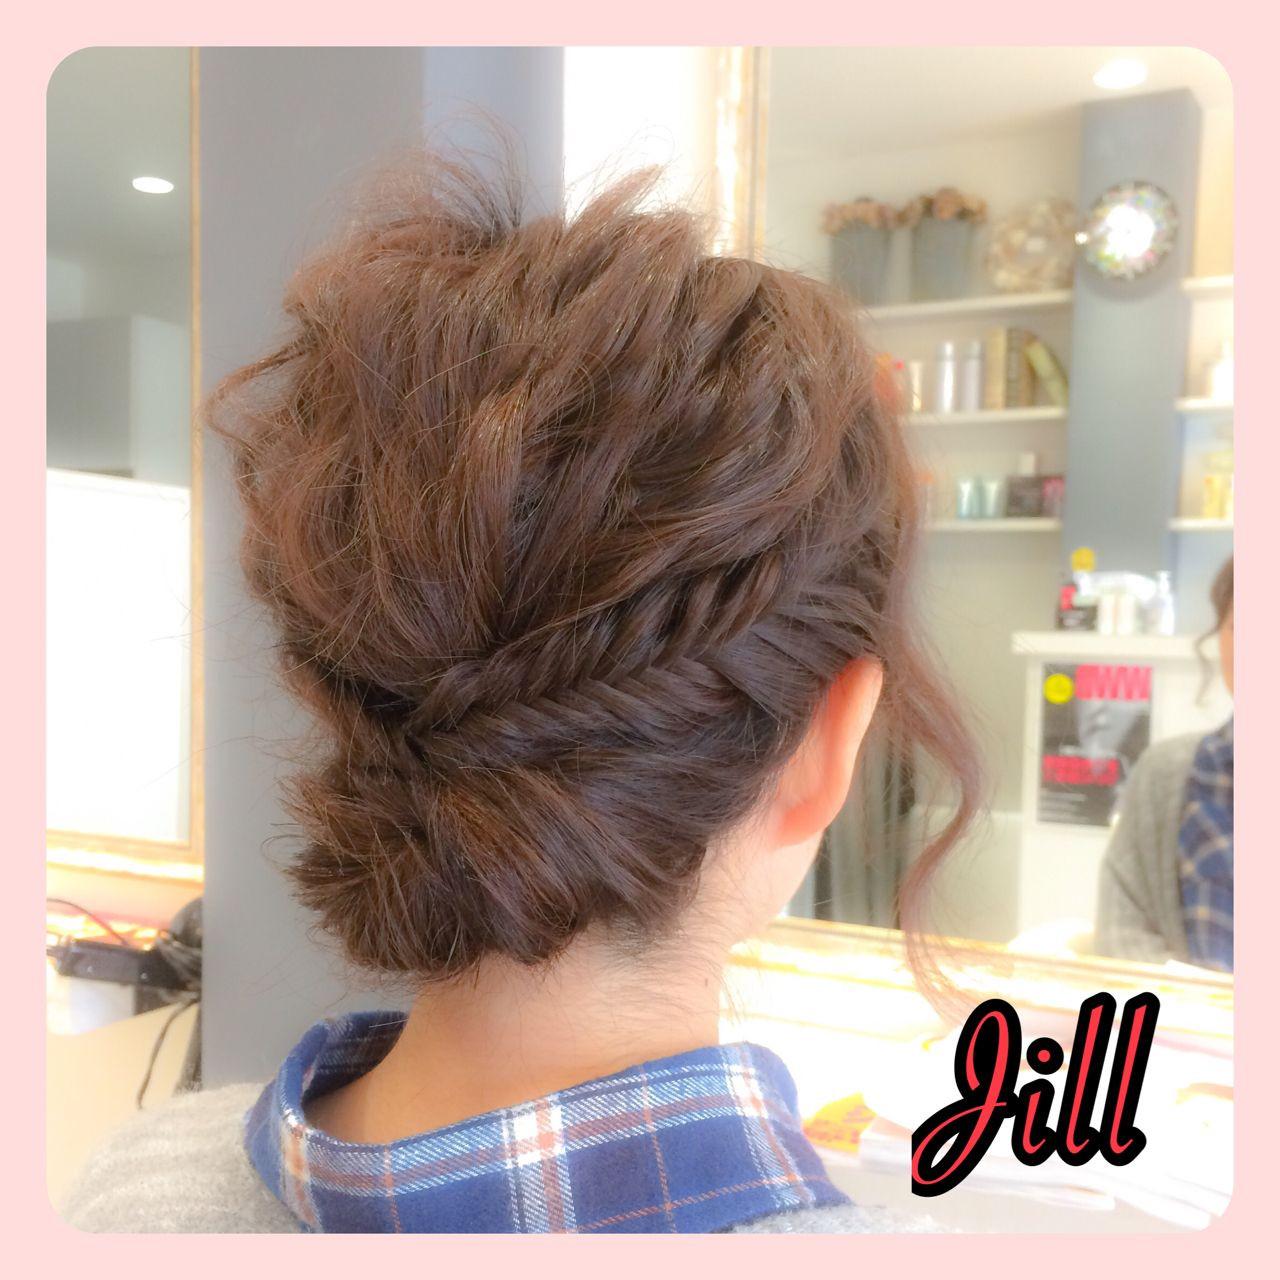 ボブ ヘアアレンジ 簡単ヘアアレンジ 波ウェーブ ヘアスタイルや髪型の写真・画像